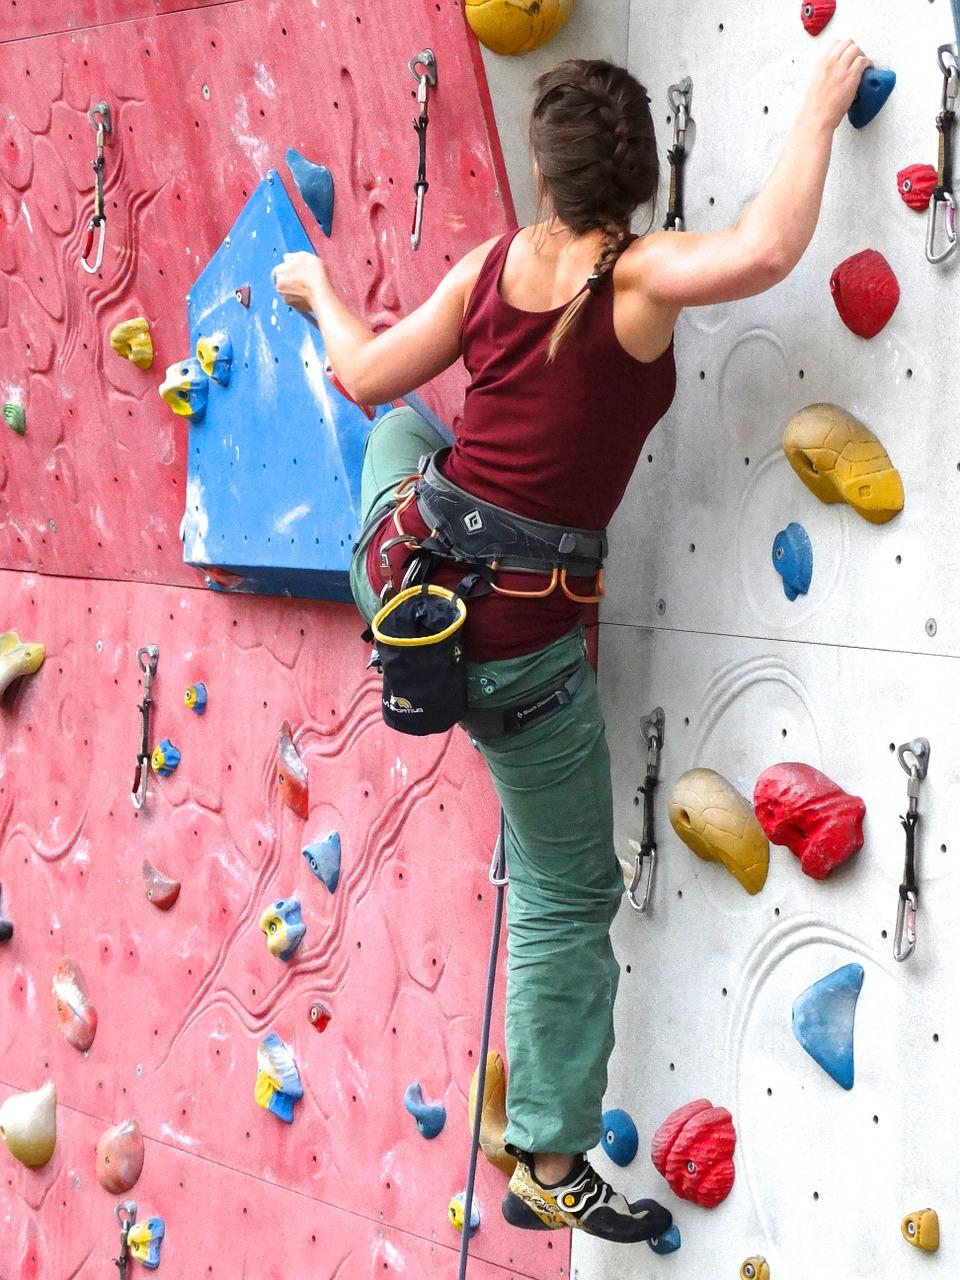 climber-486025_1280.jpg Forrás: pixabay.com